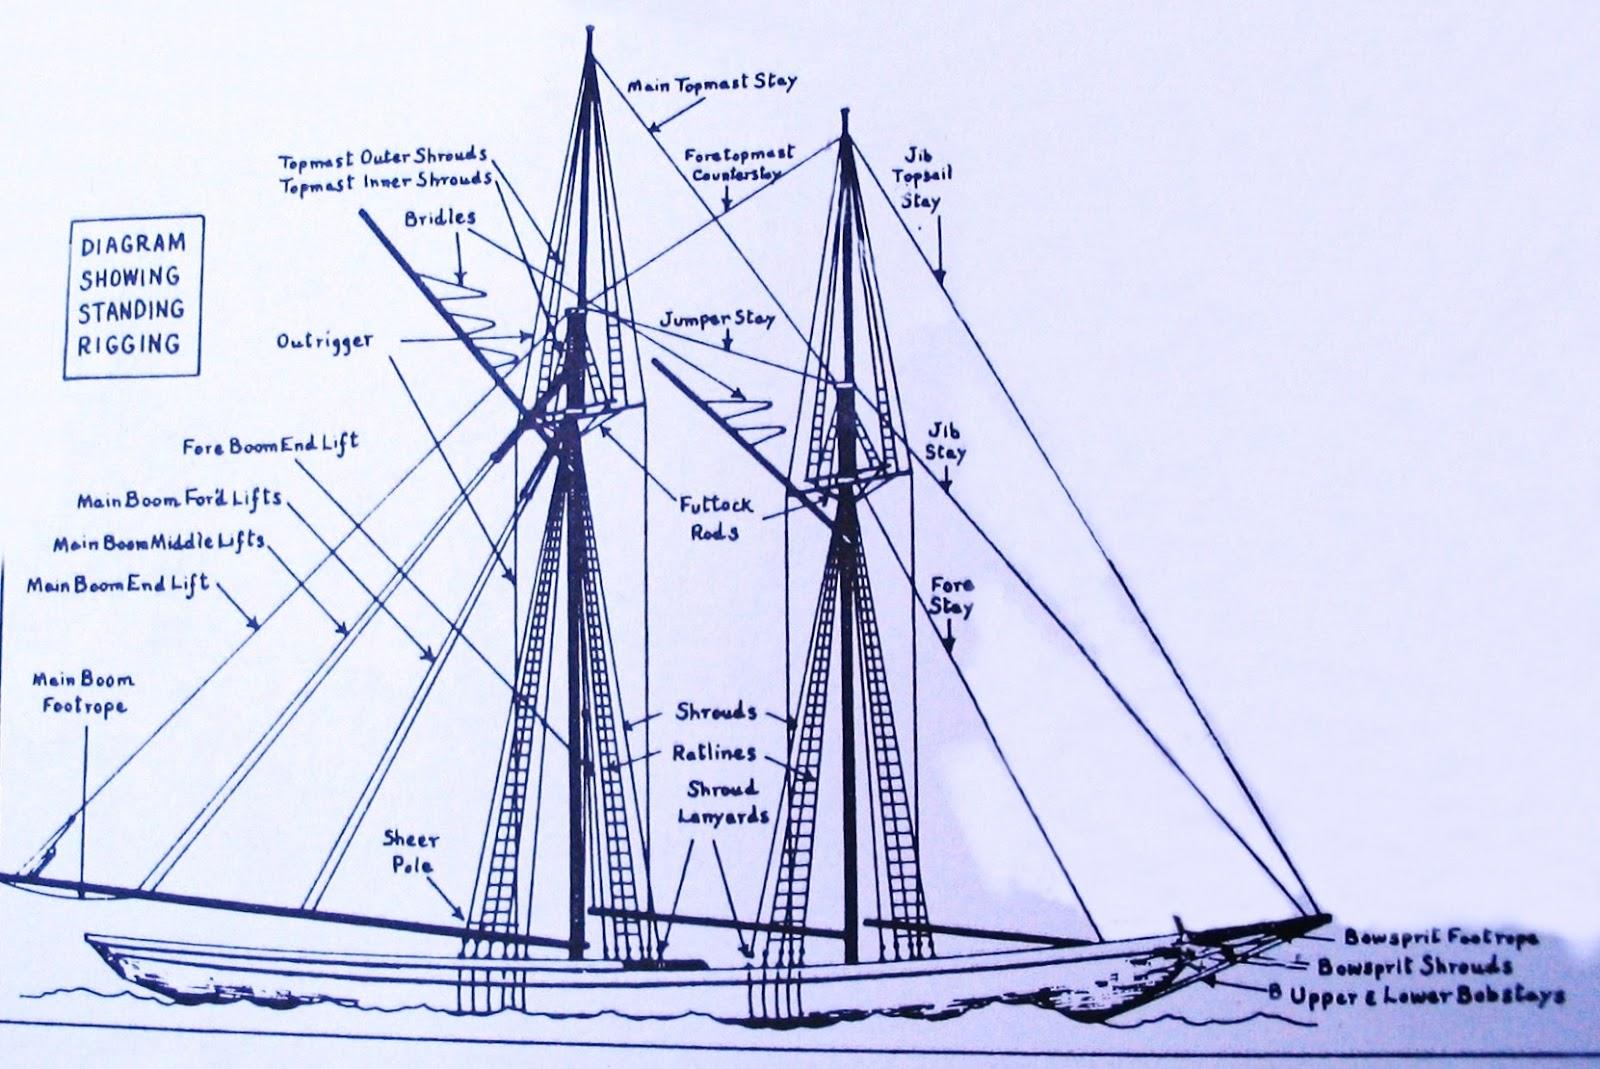 Mast Rigging Diagram 3 Circle Venn Graphic Organizer Basic Running 29 Wiring Images